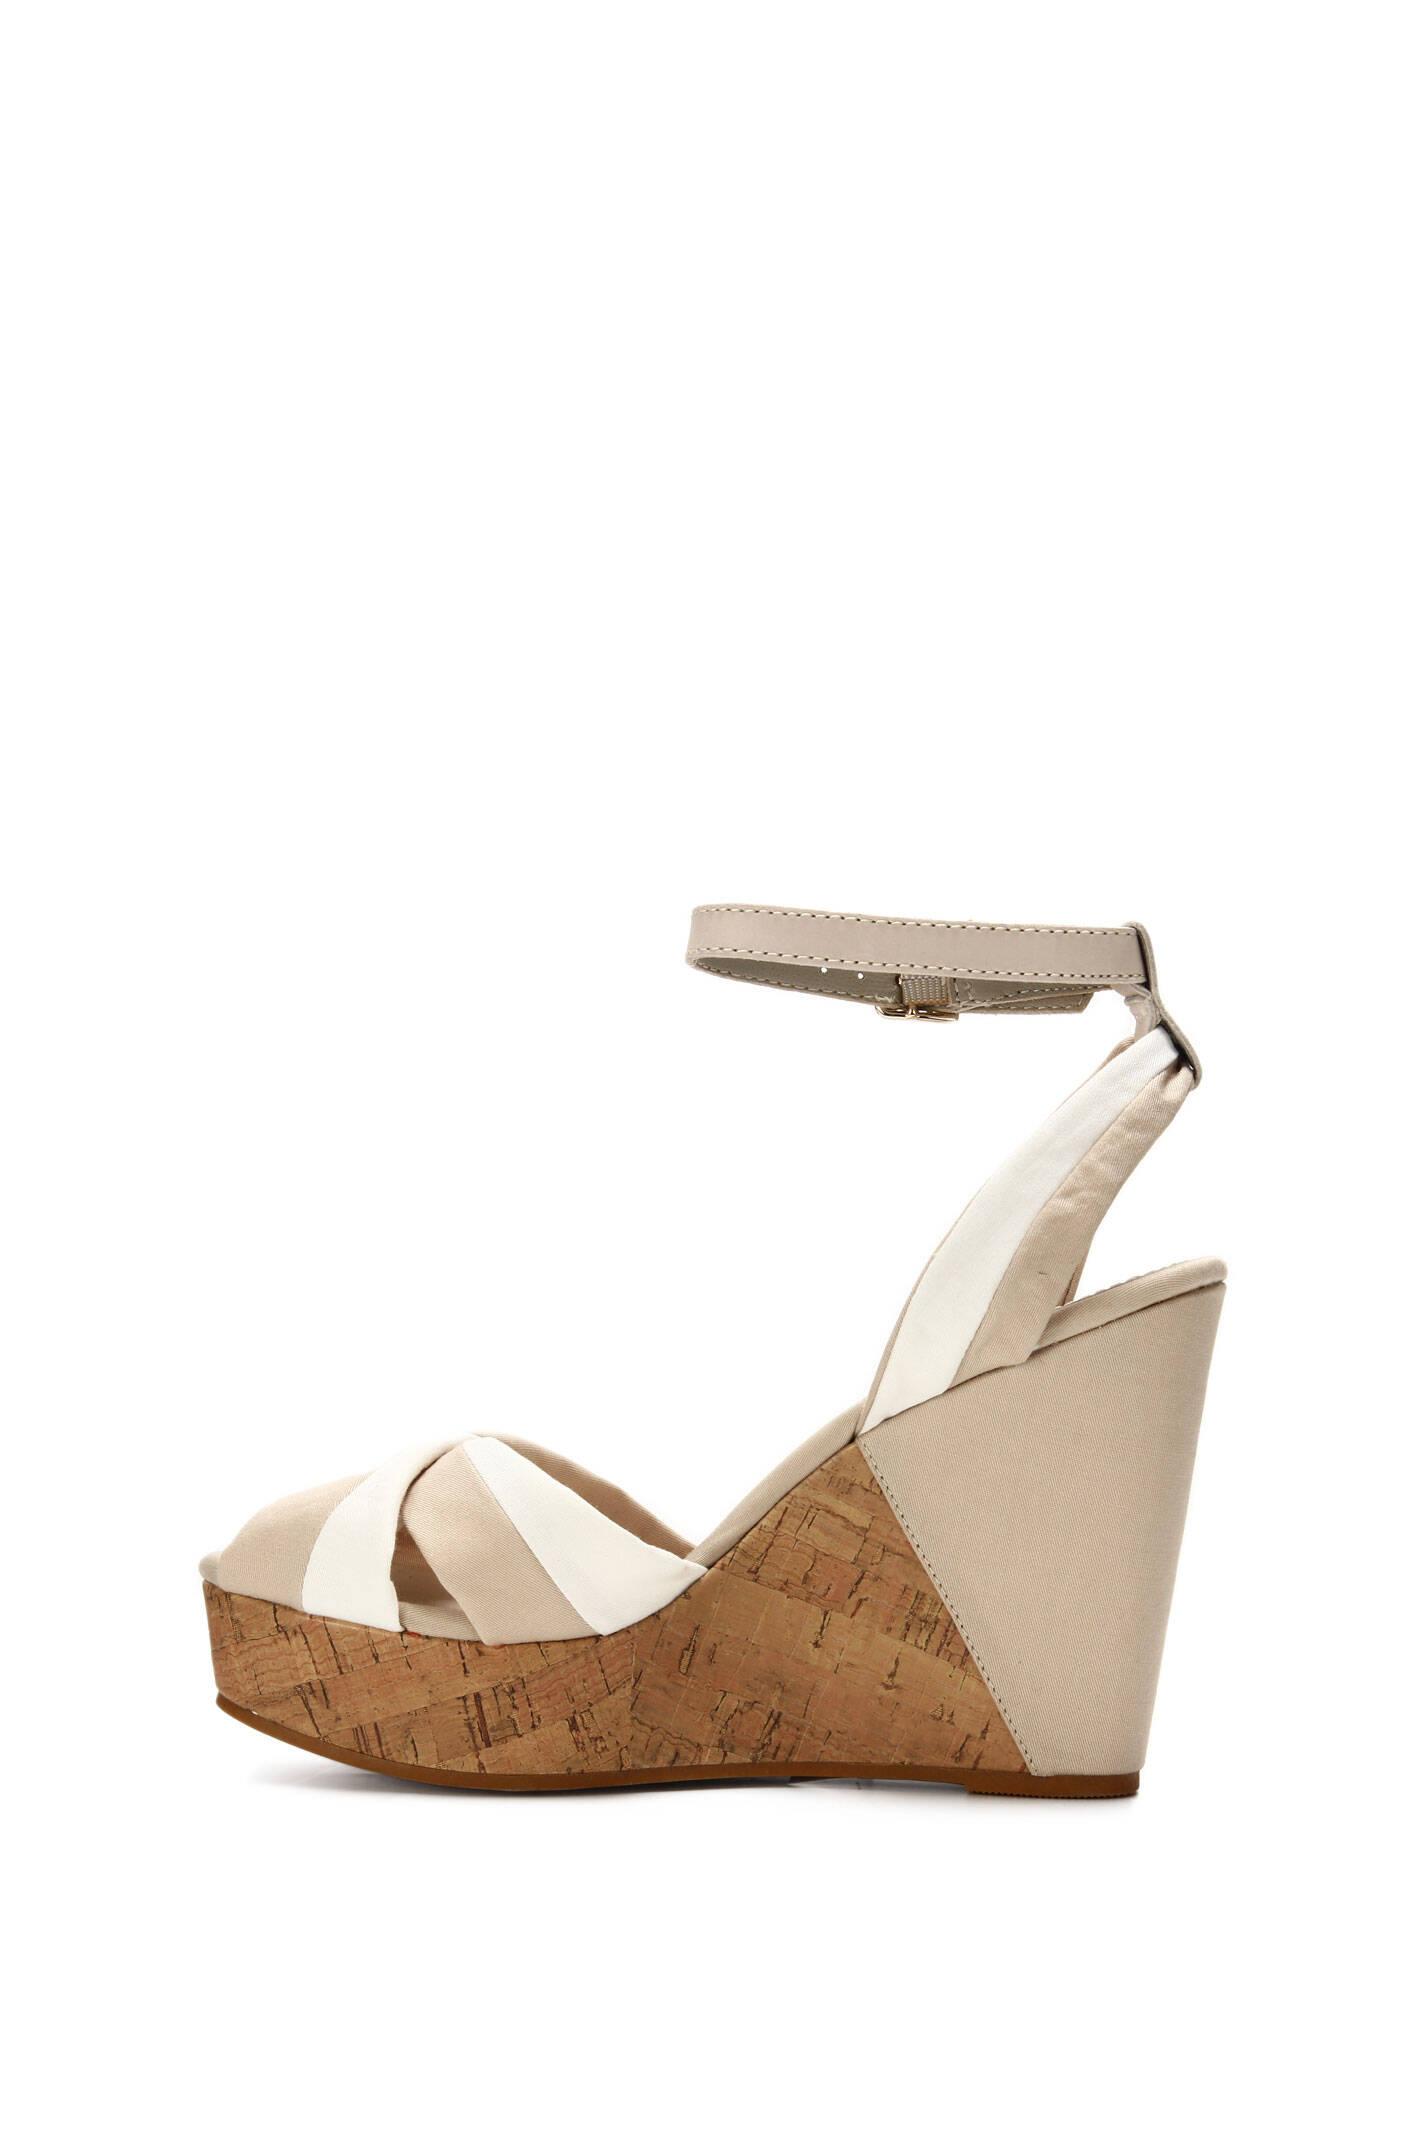 estelle 16d wedges tommy hilfiger beige shoes. Black Bedroom Furniture Sets. Home Design Ideas